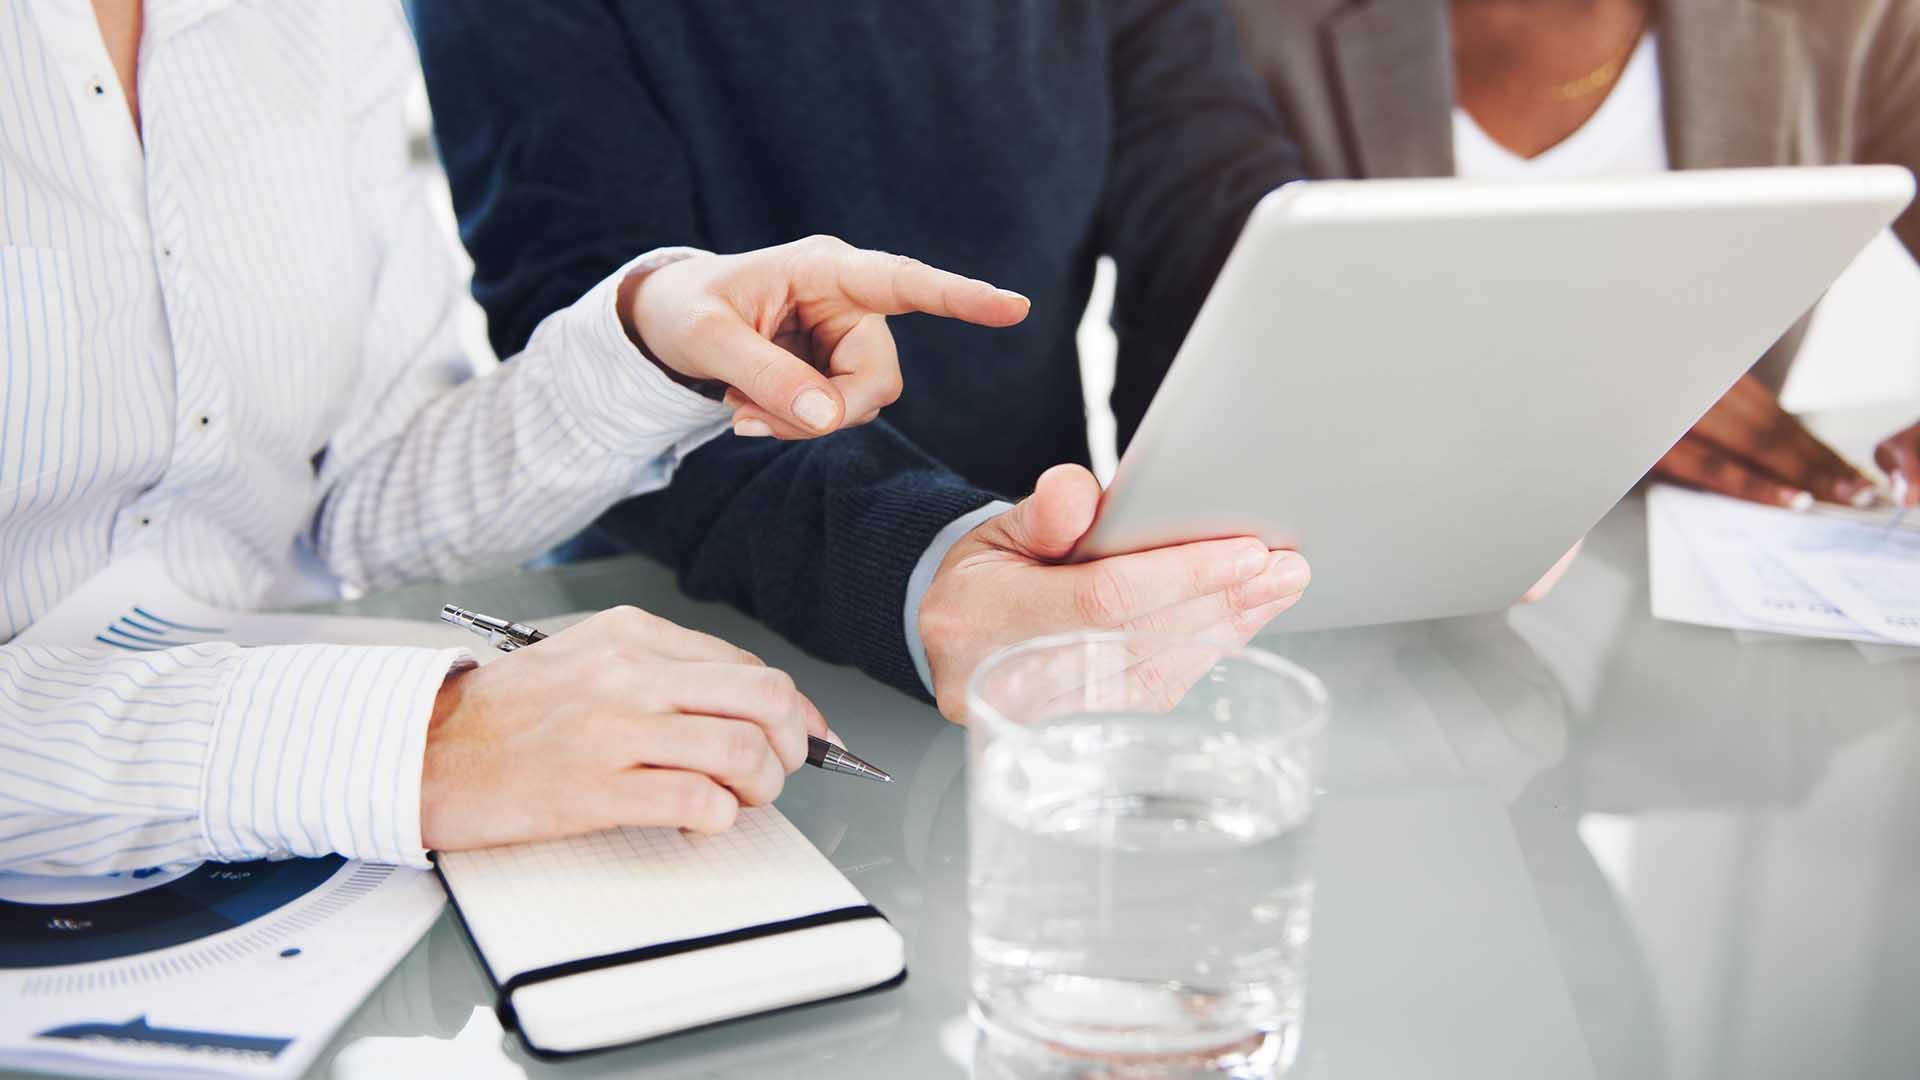 A közbeszerzési ajánlatok bírálatával kapcsolatos gyakorlati kérdések, problémák (e-learning oktatás)